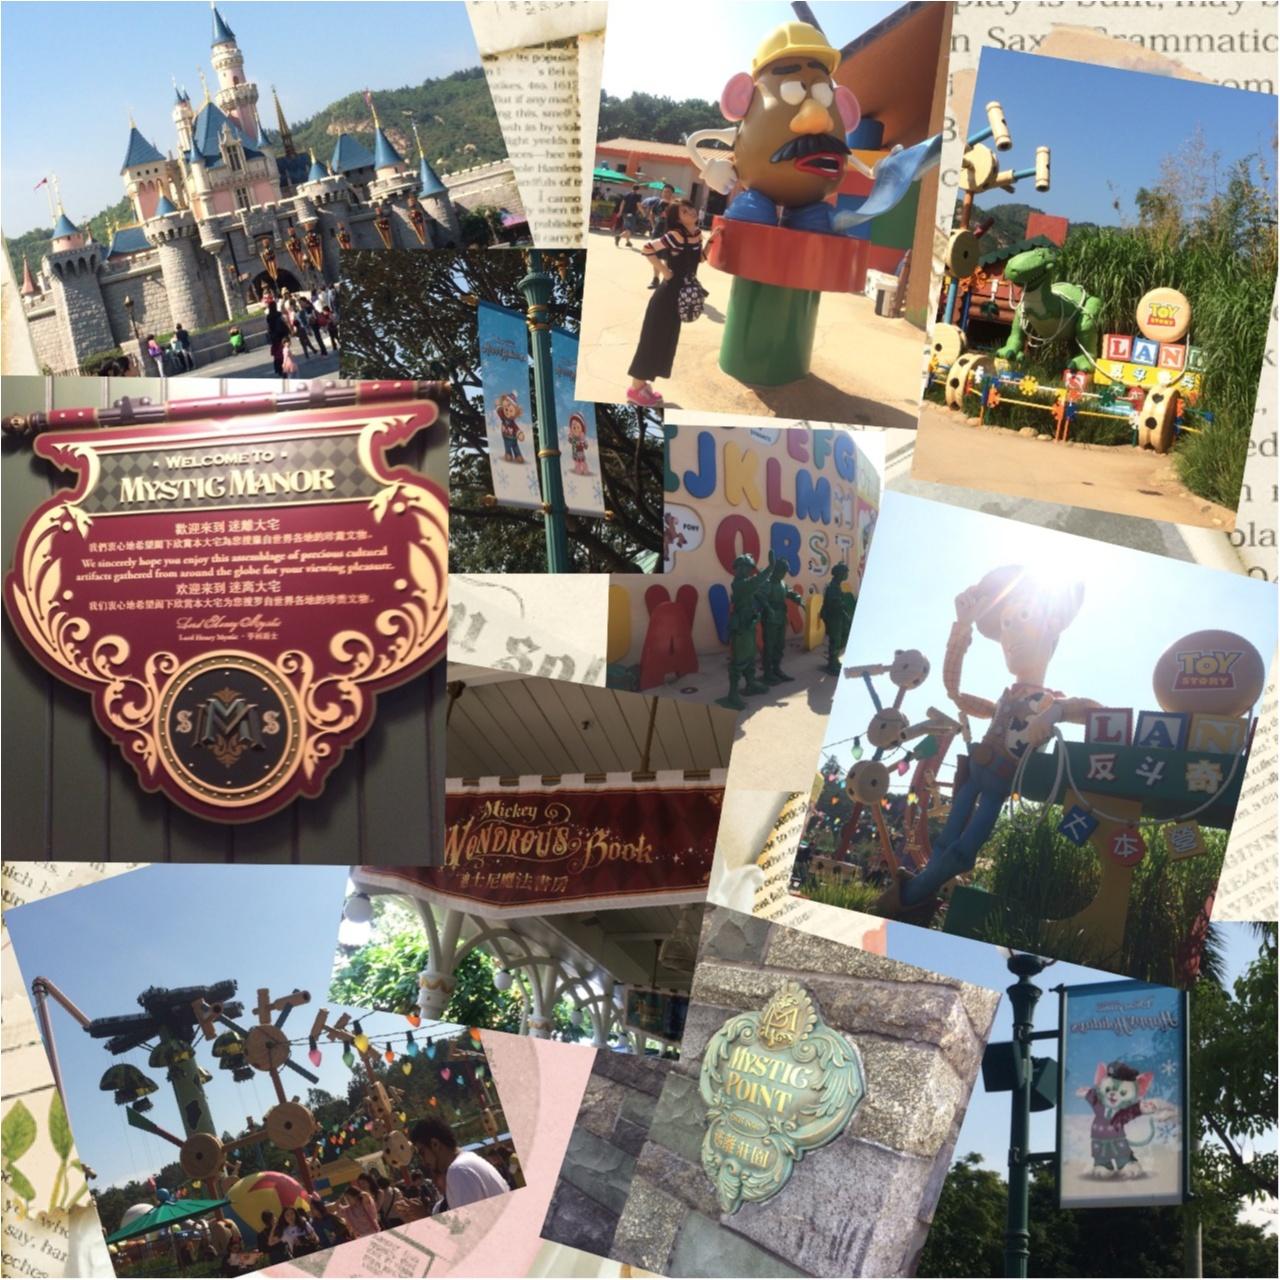 【vacation】グリーティング天国?!日本にはないものがたくさん!♡香港ディズニーランドを2倍楽しむ!おすすめポイント♡_10